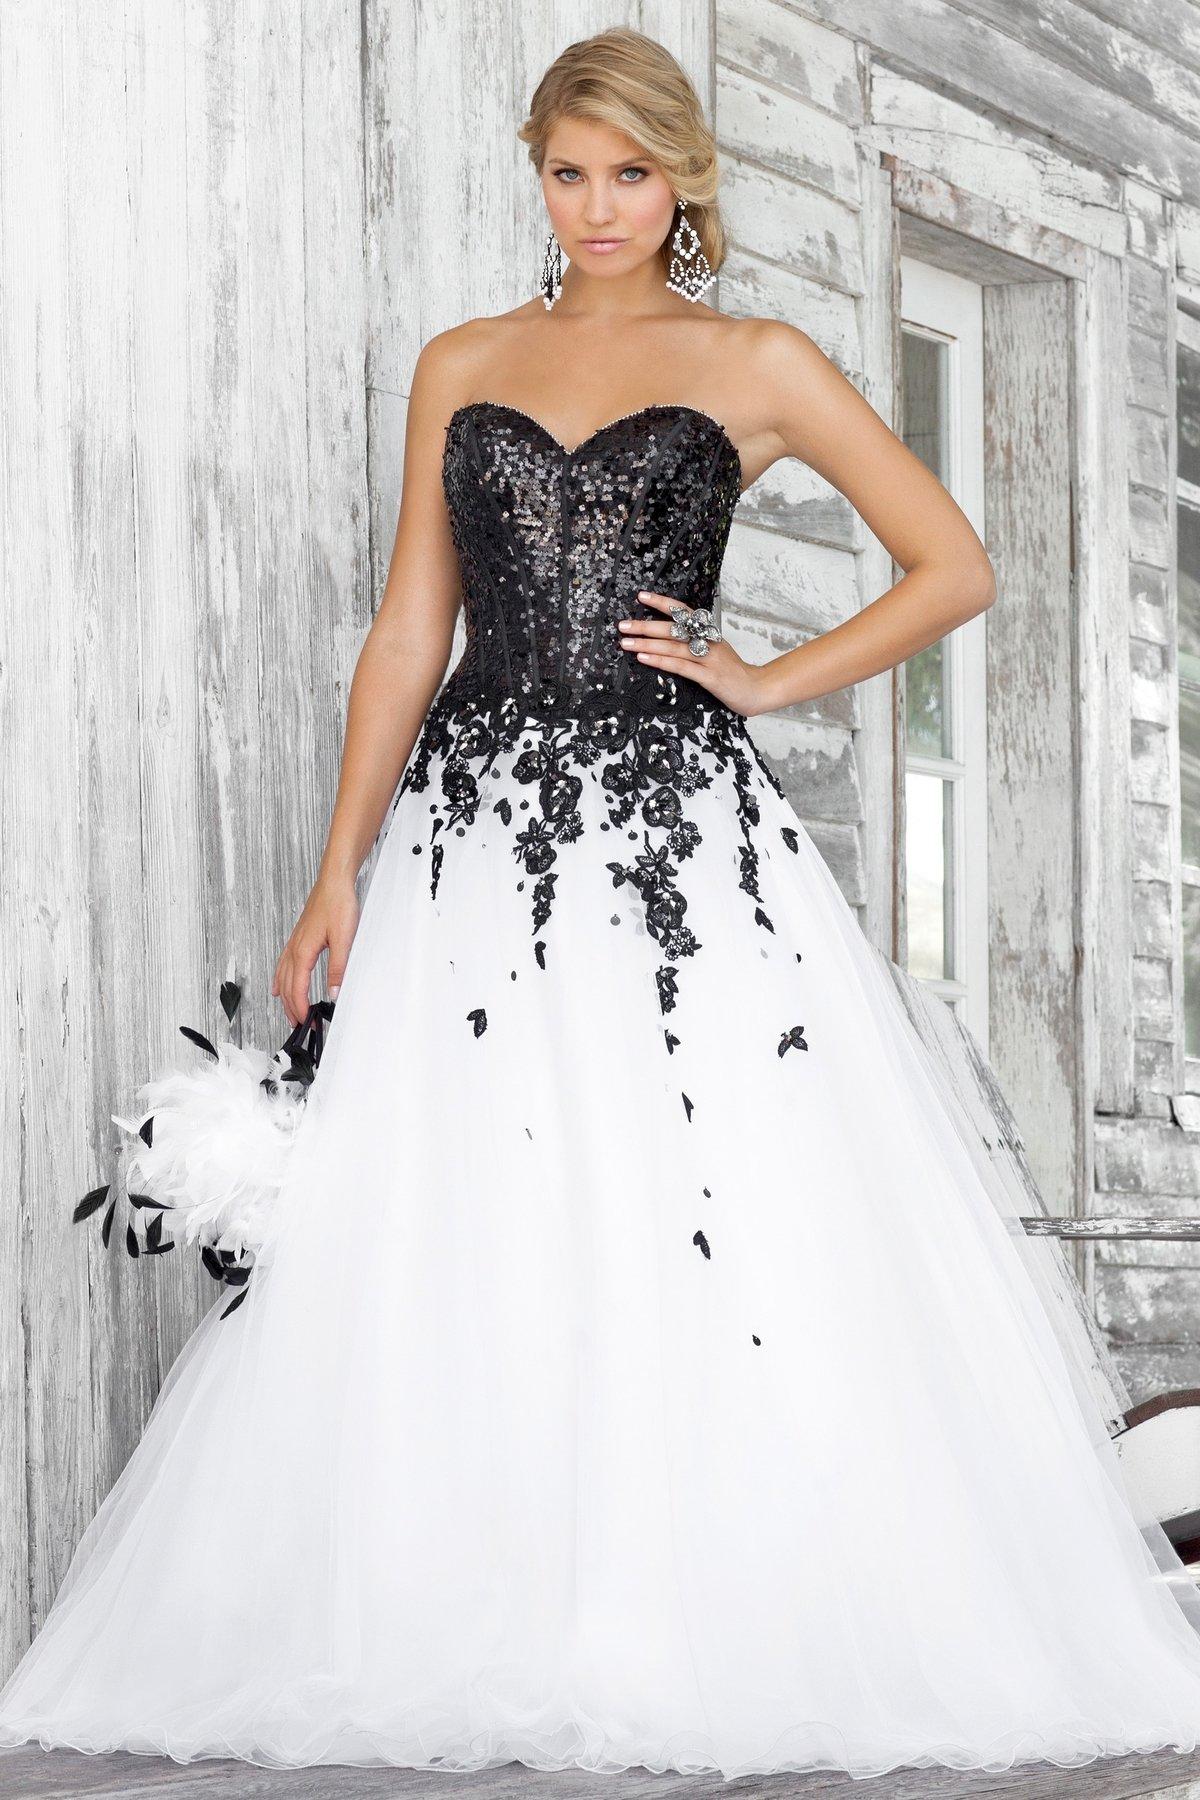 изменился кардинально, свадебные платья черного цвета фото стаканчиках рецепт десерта